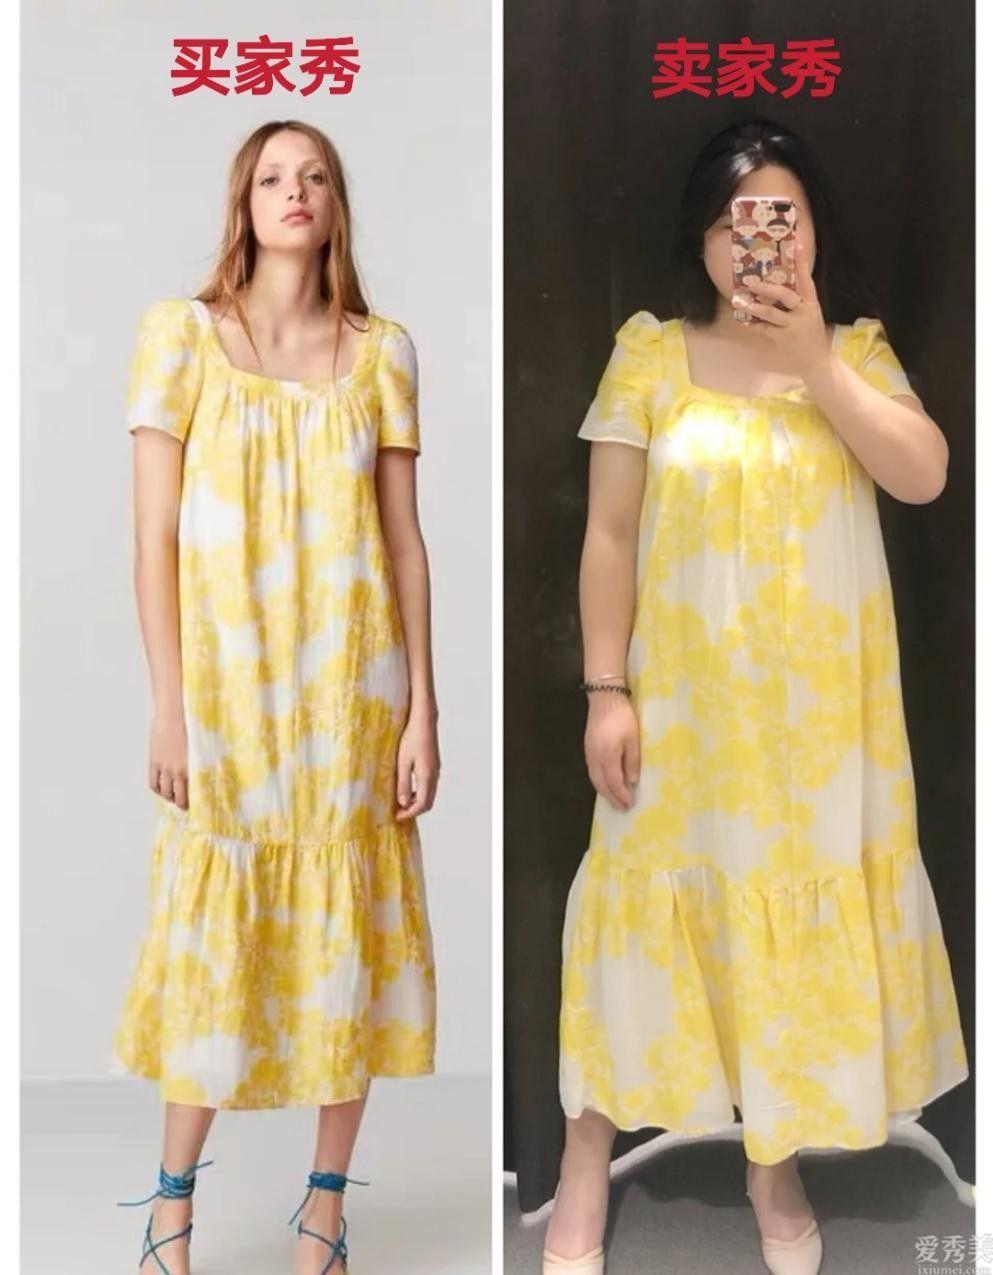 別不信,身高不上160cm的小個子,夏季穿瞭這裙裝,顯小又顯壯